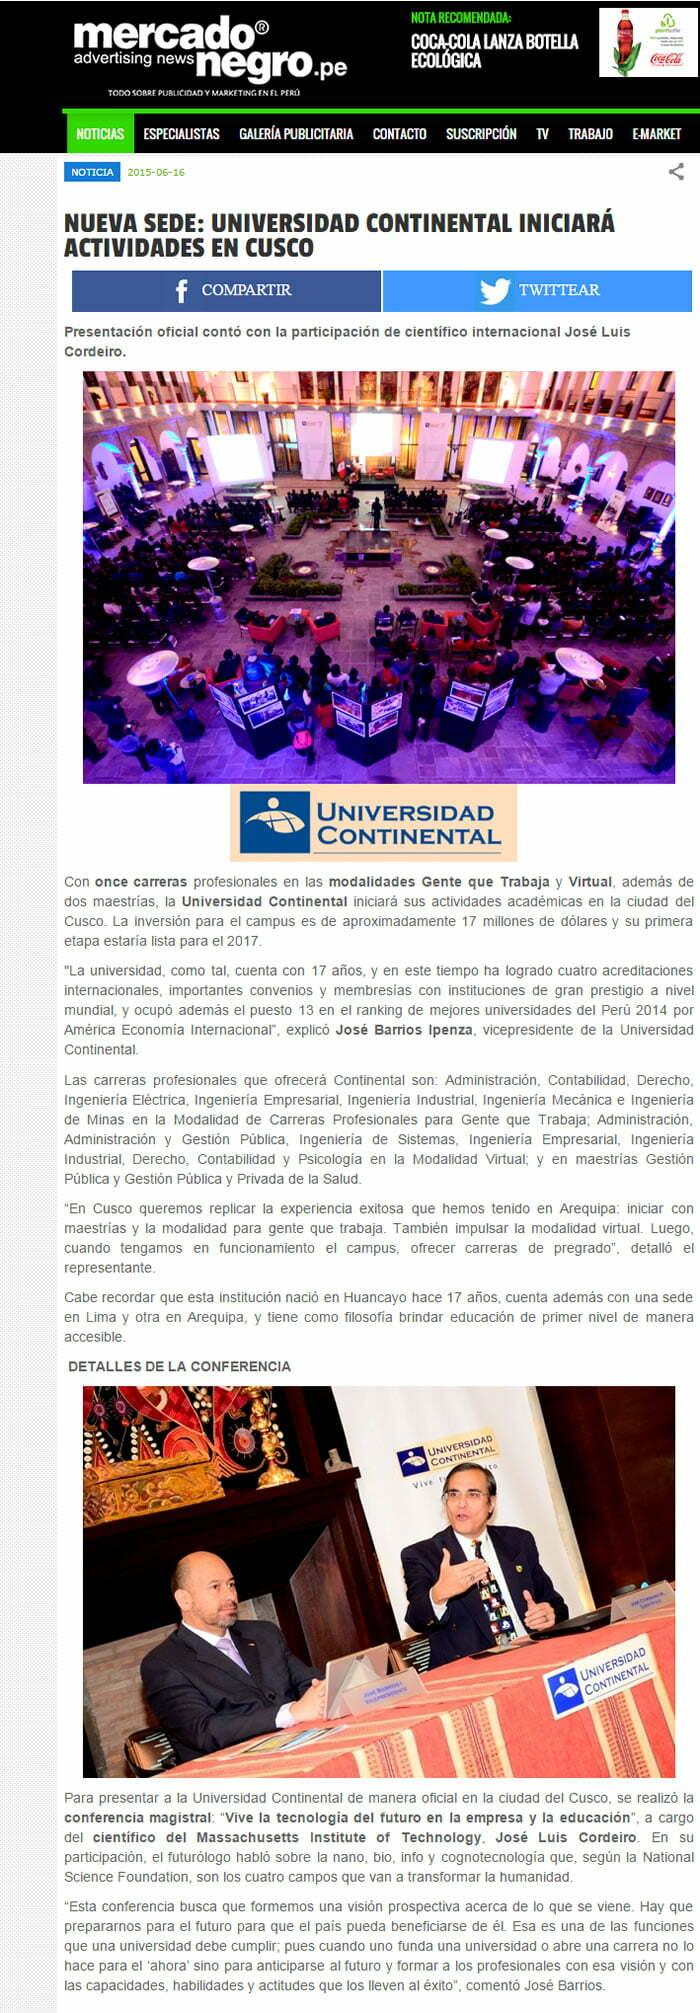 16_junio_mercado_negro_cusco